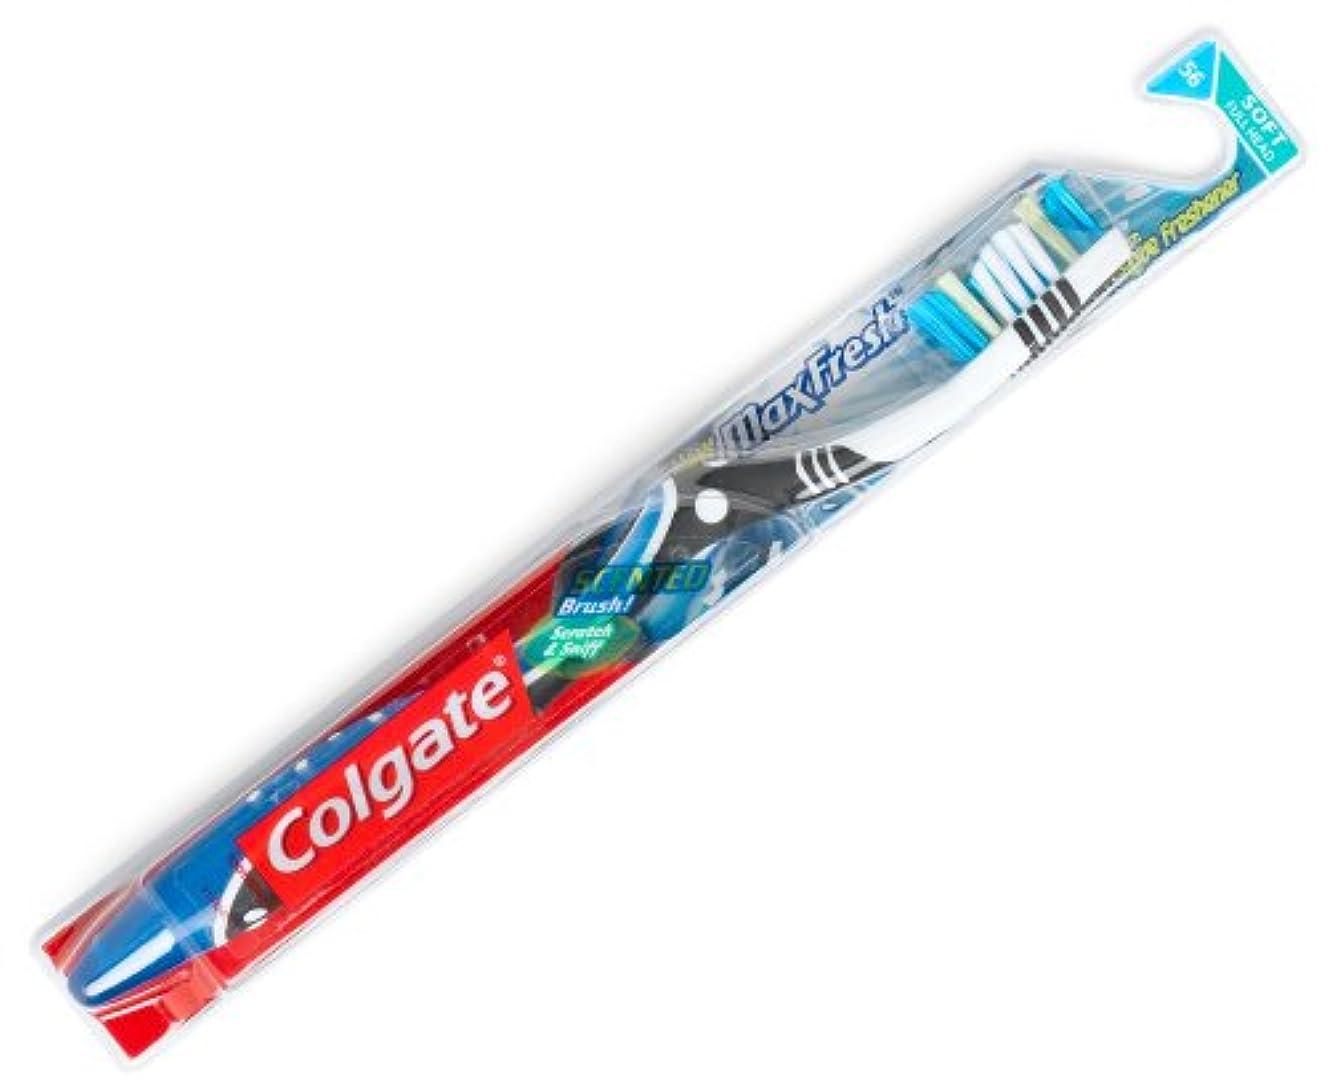 Colgate マックス新鮮な柔らかい歯ブラシ2PK、1カラット